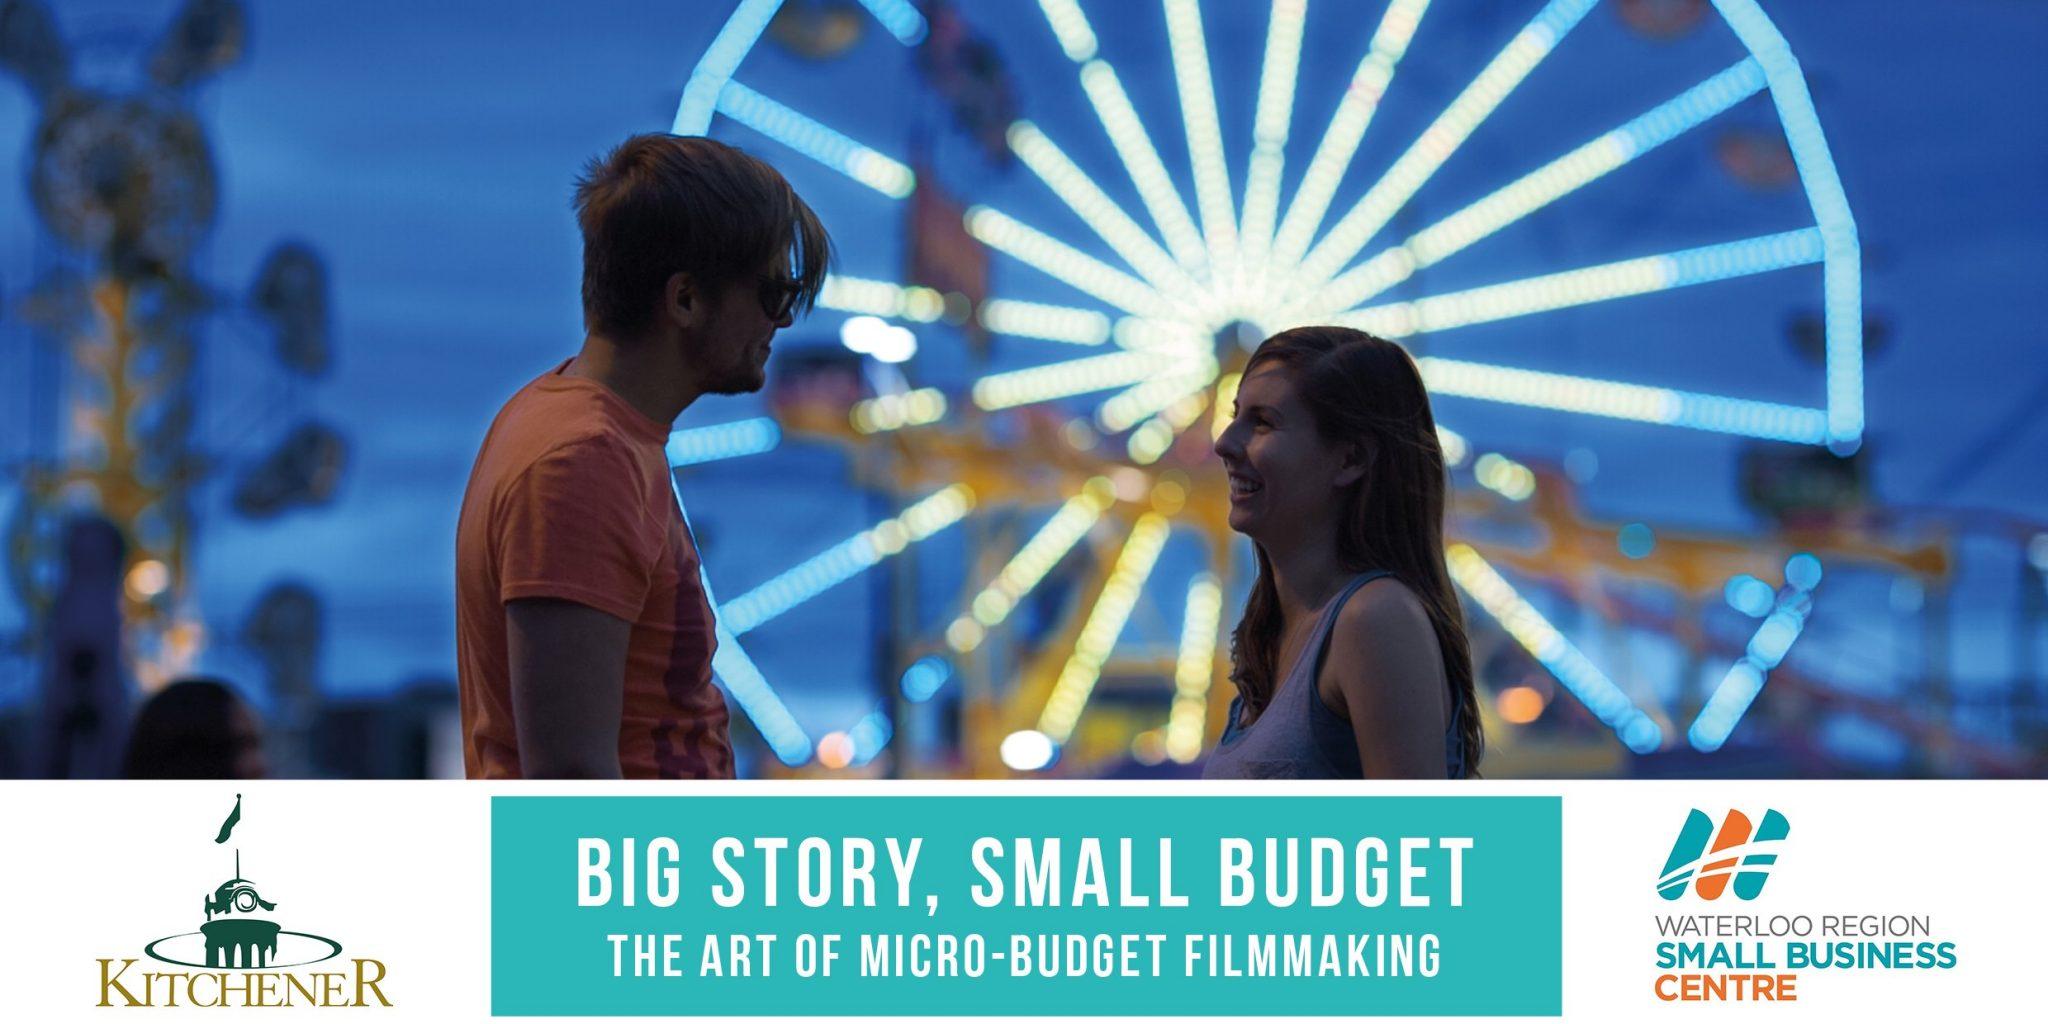 Micro-Budget Filmmaking Workshop, City of Kitchener, Waterloo Region Small Business Centre, Ava Torres, Helmann Wilhelm, Film, Kitchener Public Library, KPL